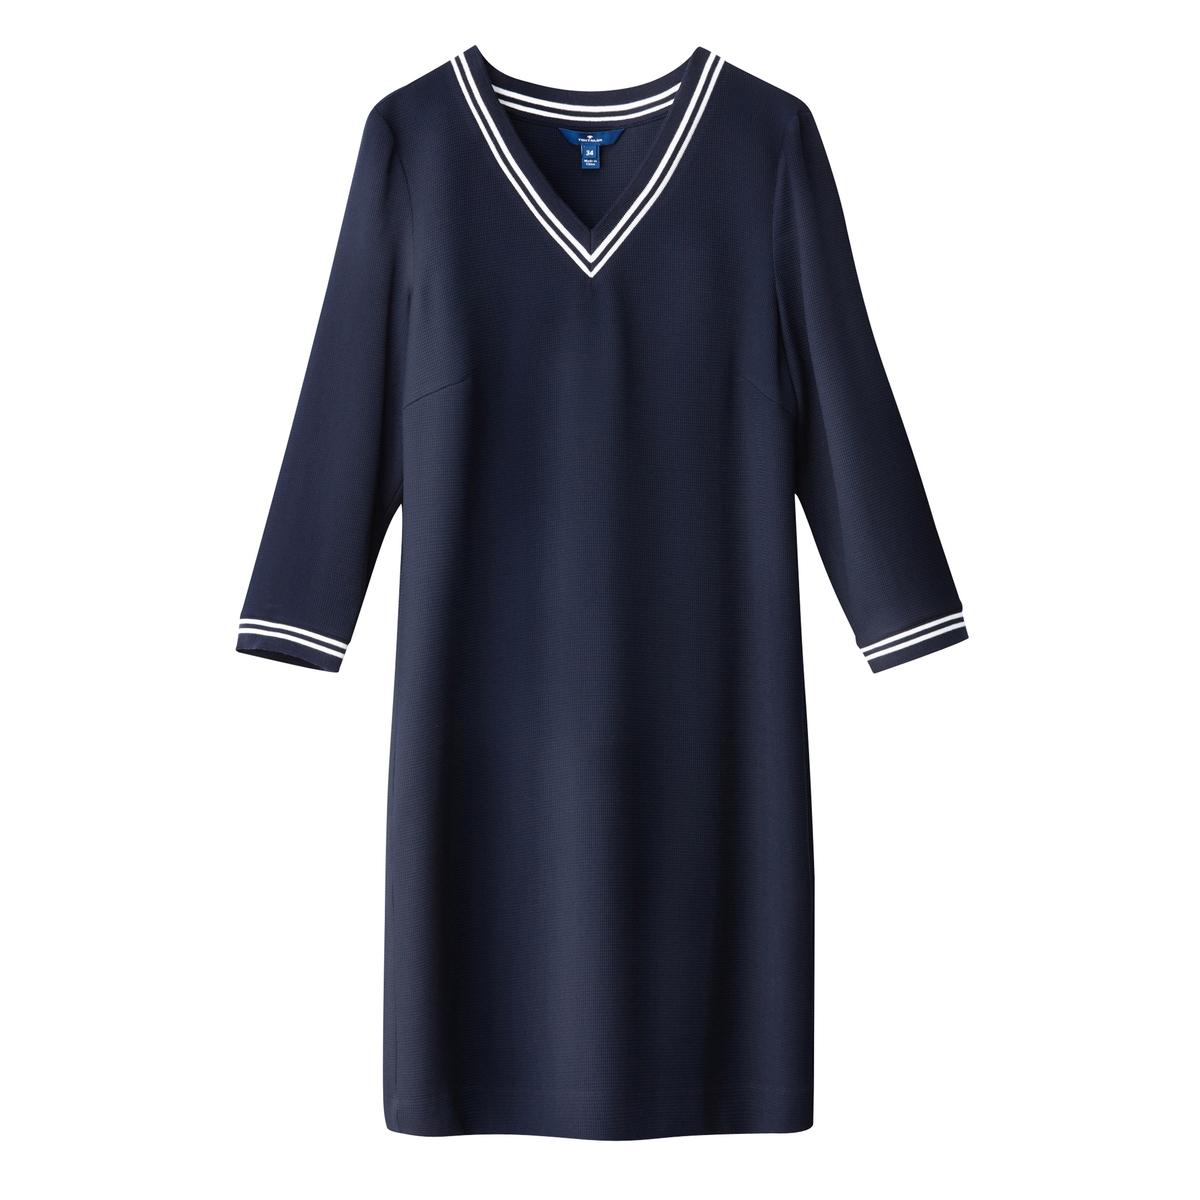 Платье теннисное с рукавами 3/4Материал : 49% вискозы, 3% эластана, 48% полиэстера Длина рукава : Рукава 3/4  Форма воротника : V-образный вырез Покрой платья : укороченный Рисунок : Однотонная модель   Длина платья : короткое.<br><br>Цвет: темно-синий